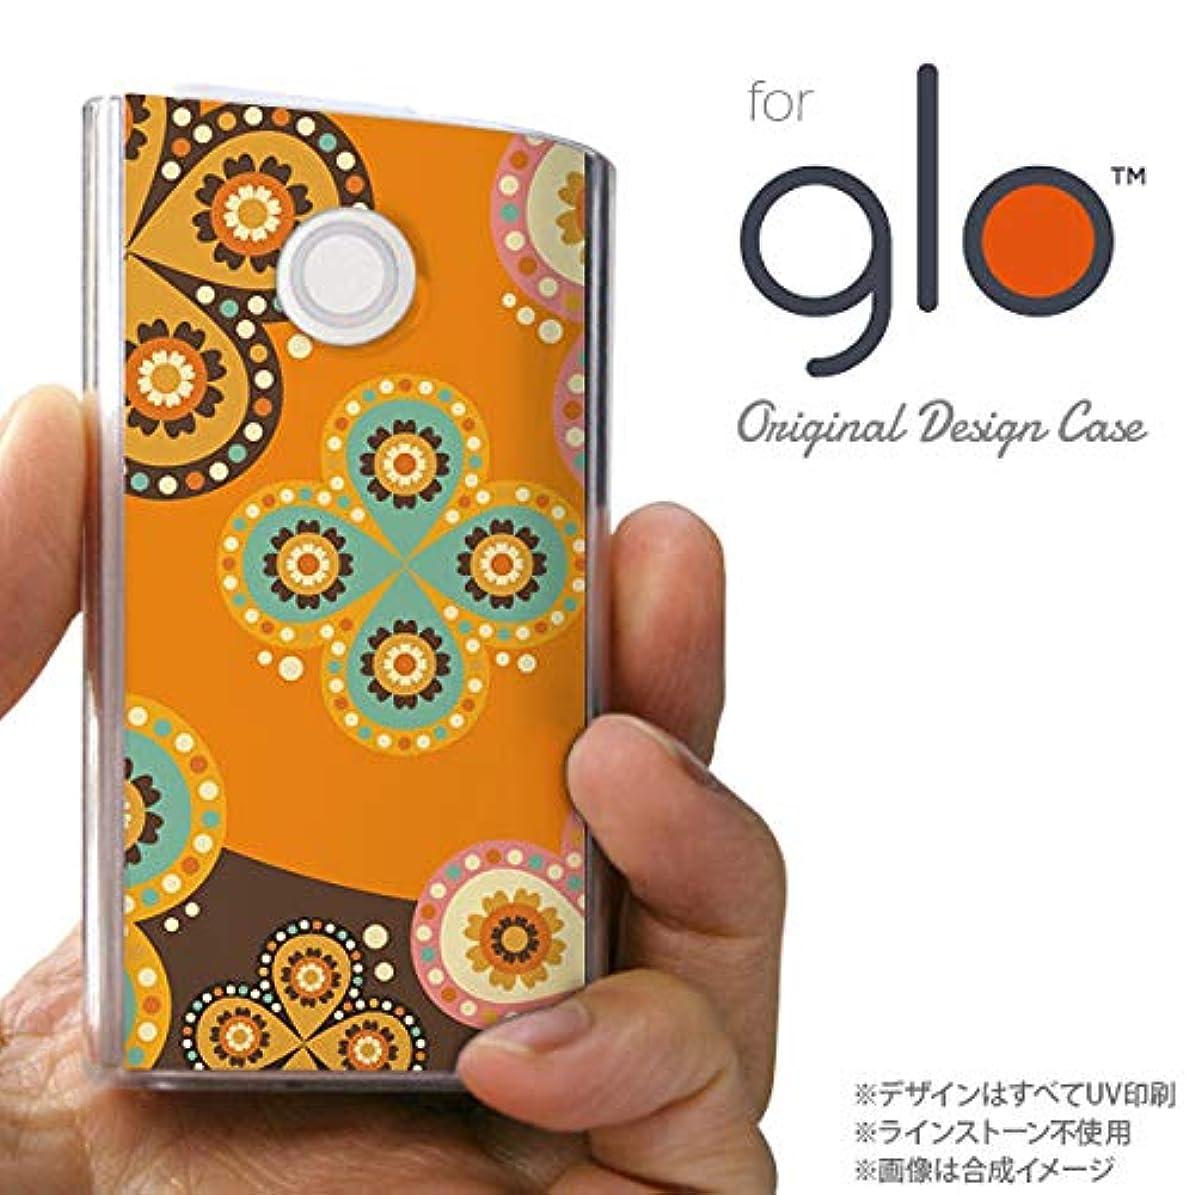 効率的に獲物罪悪感glo グローケース カバー グロー エスニック花柄 オレンジ×茶 nk-glo-1584